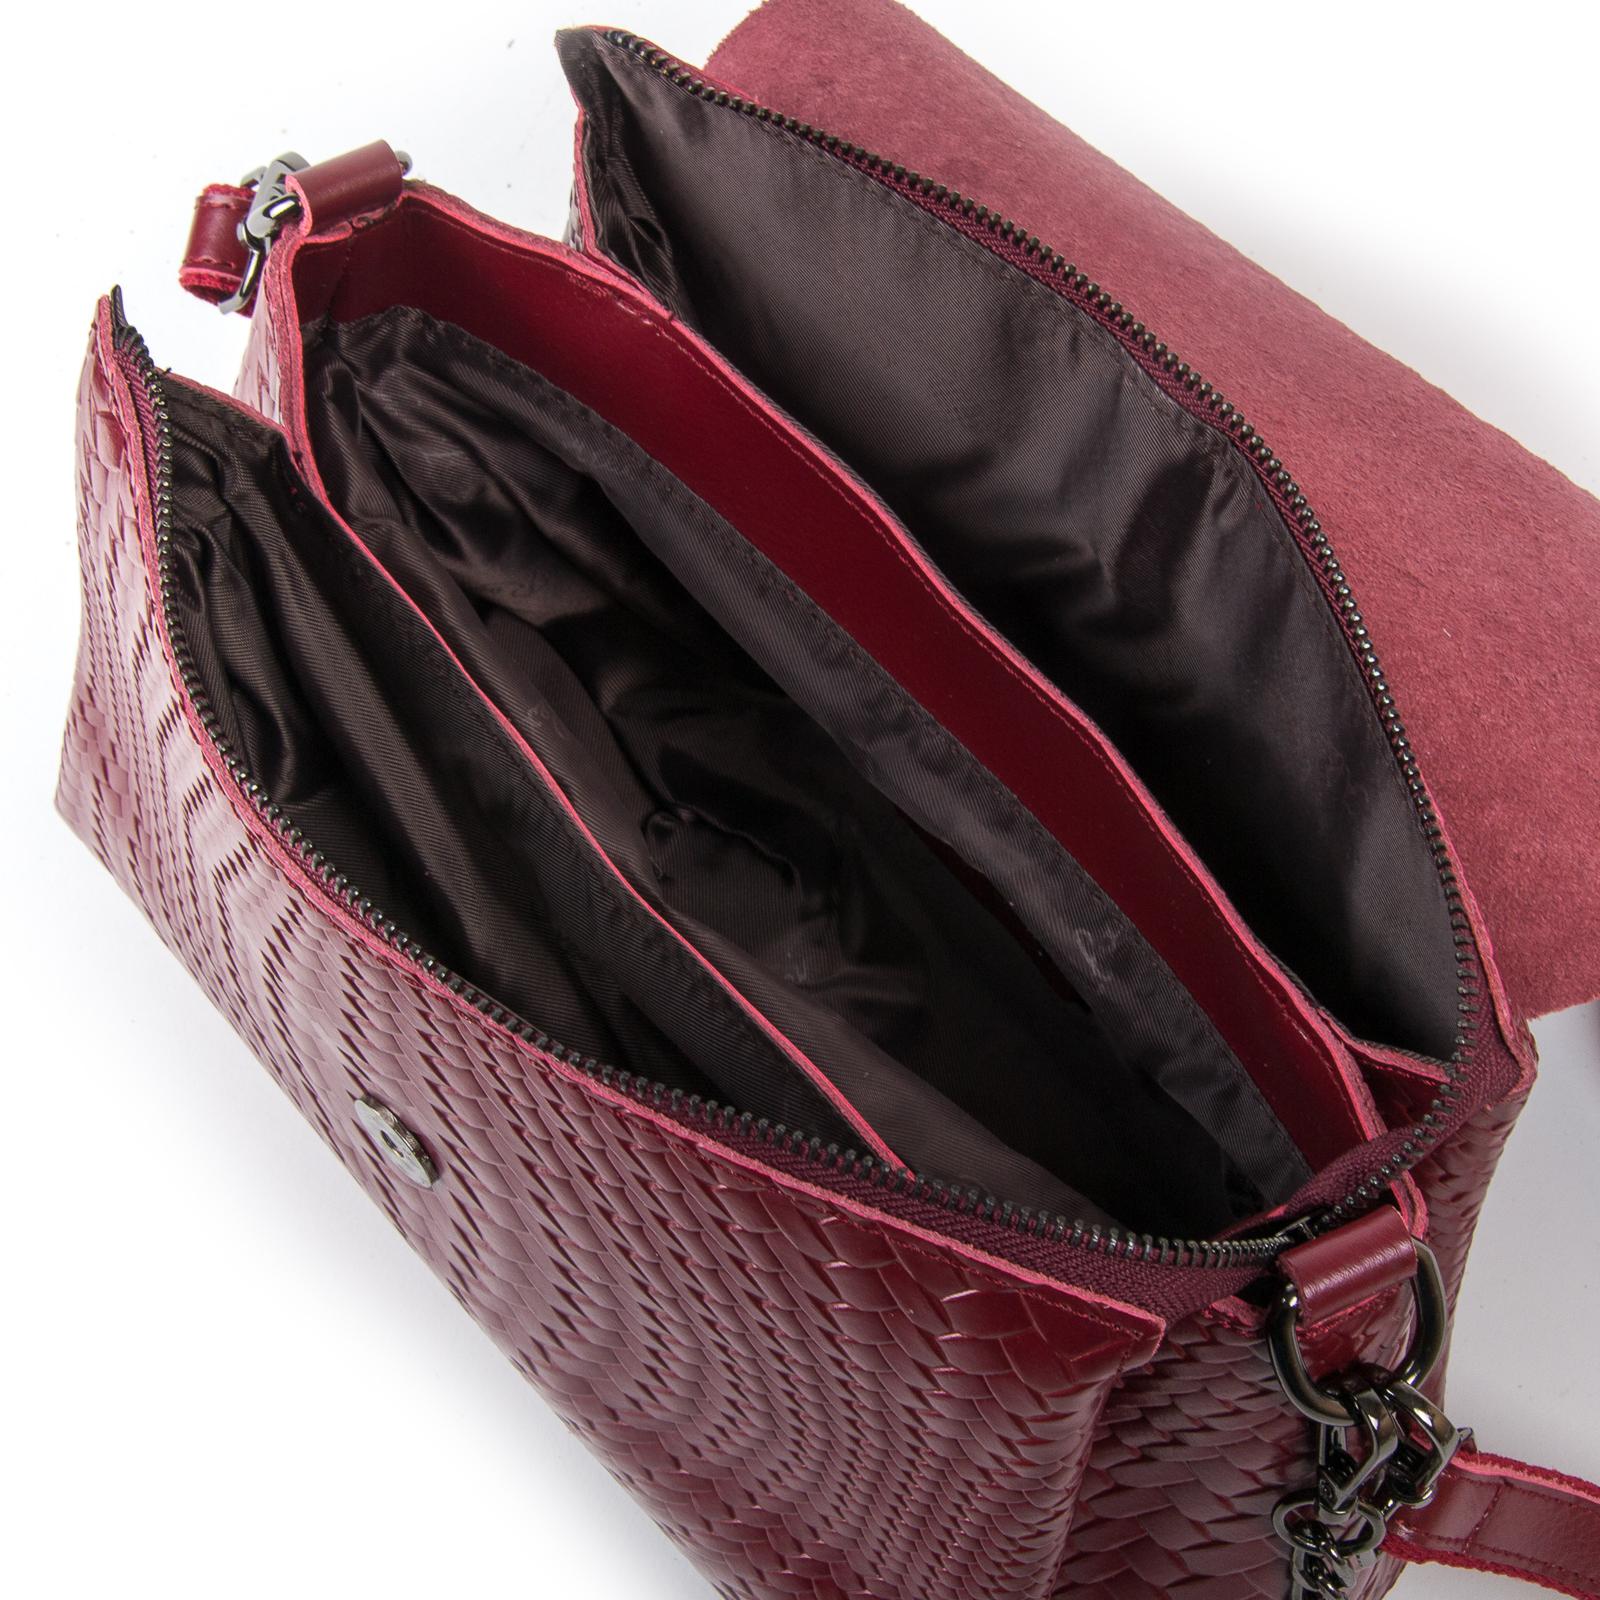 Сумка Женская Классическая кожа ALEX RAI 03-01 J009-1 wine-red - фото 5